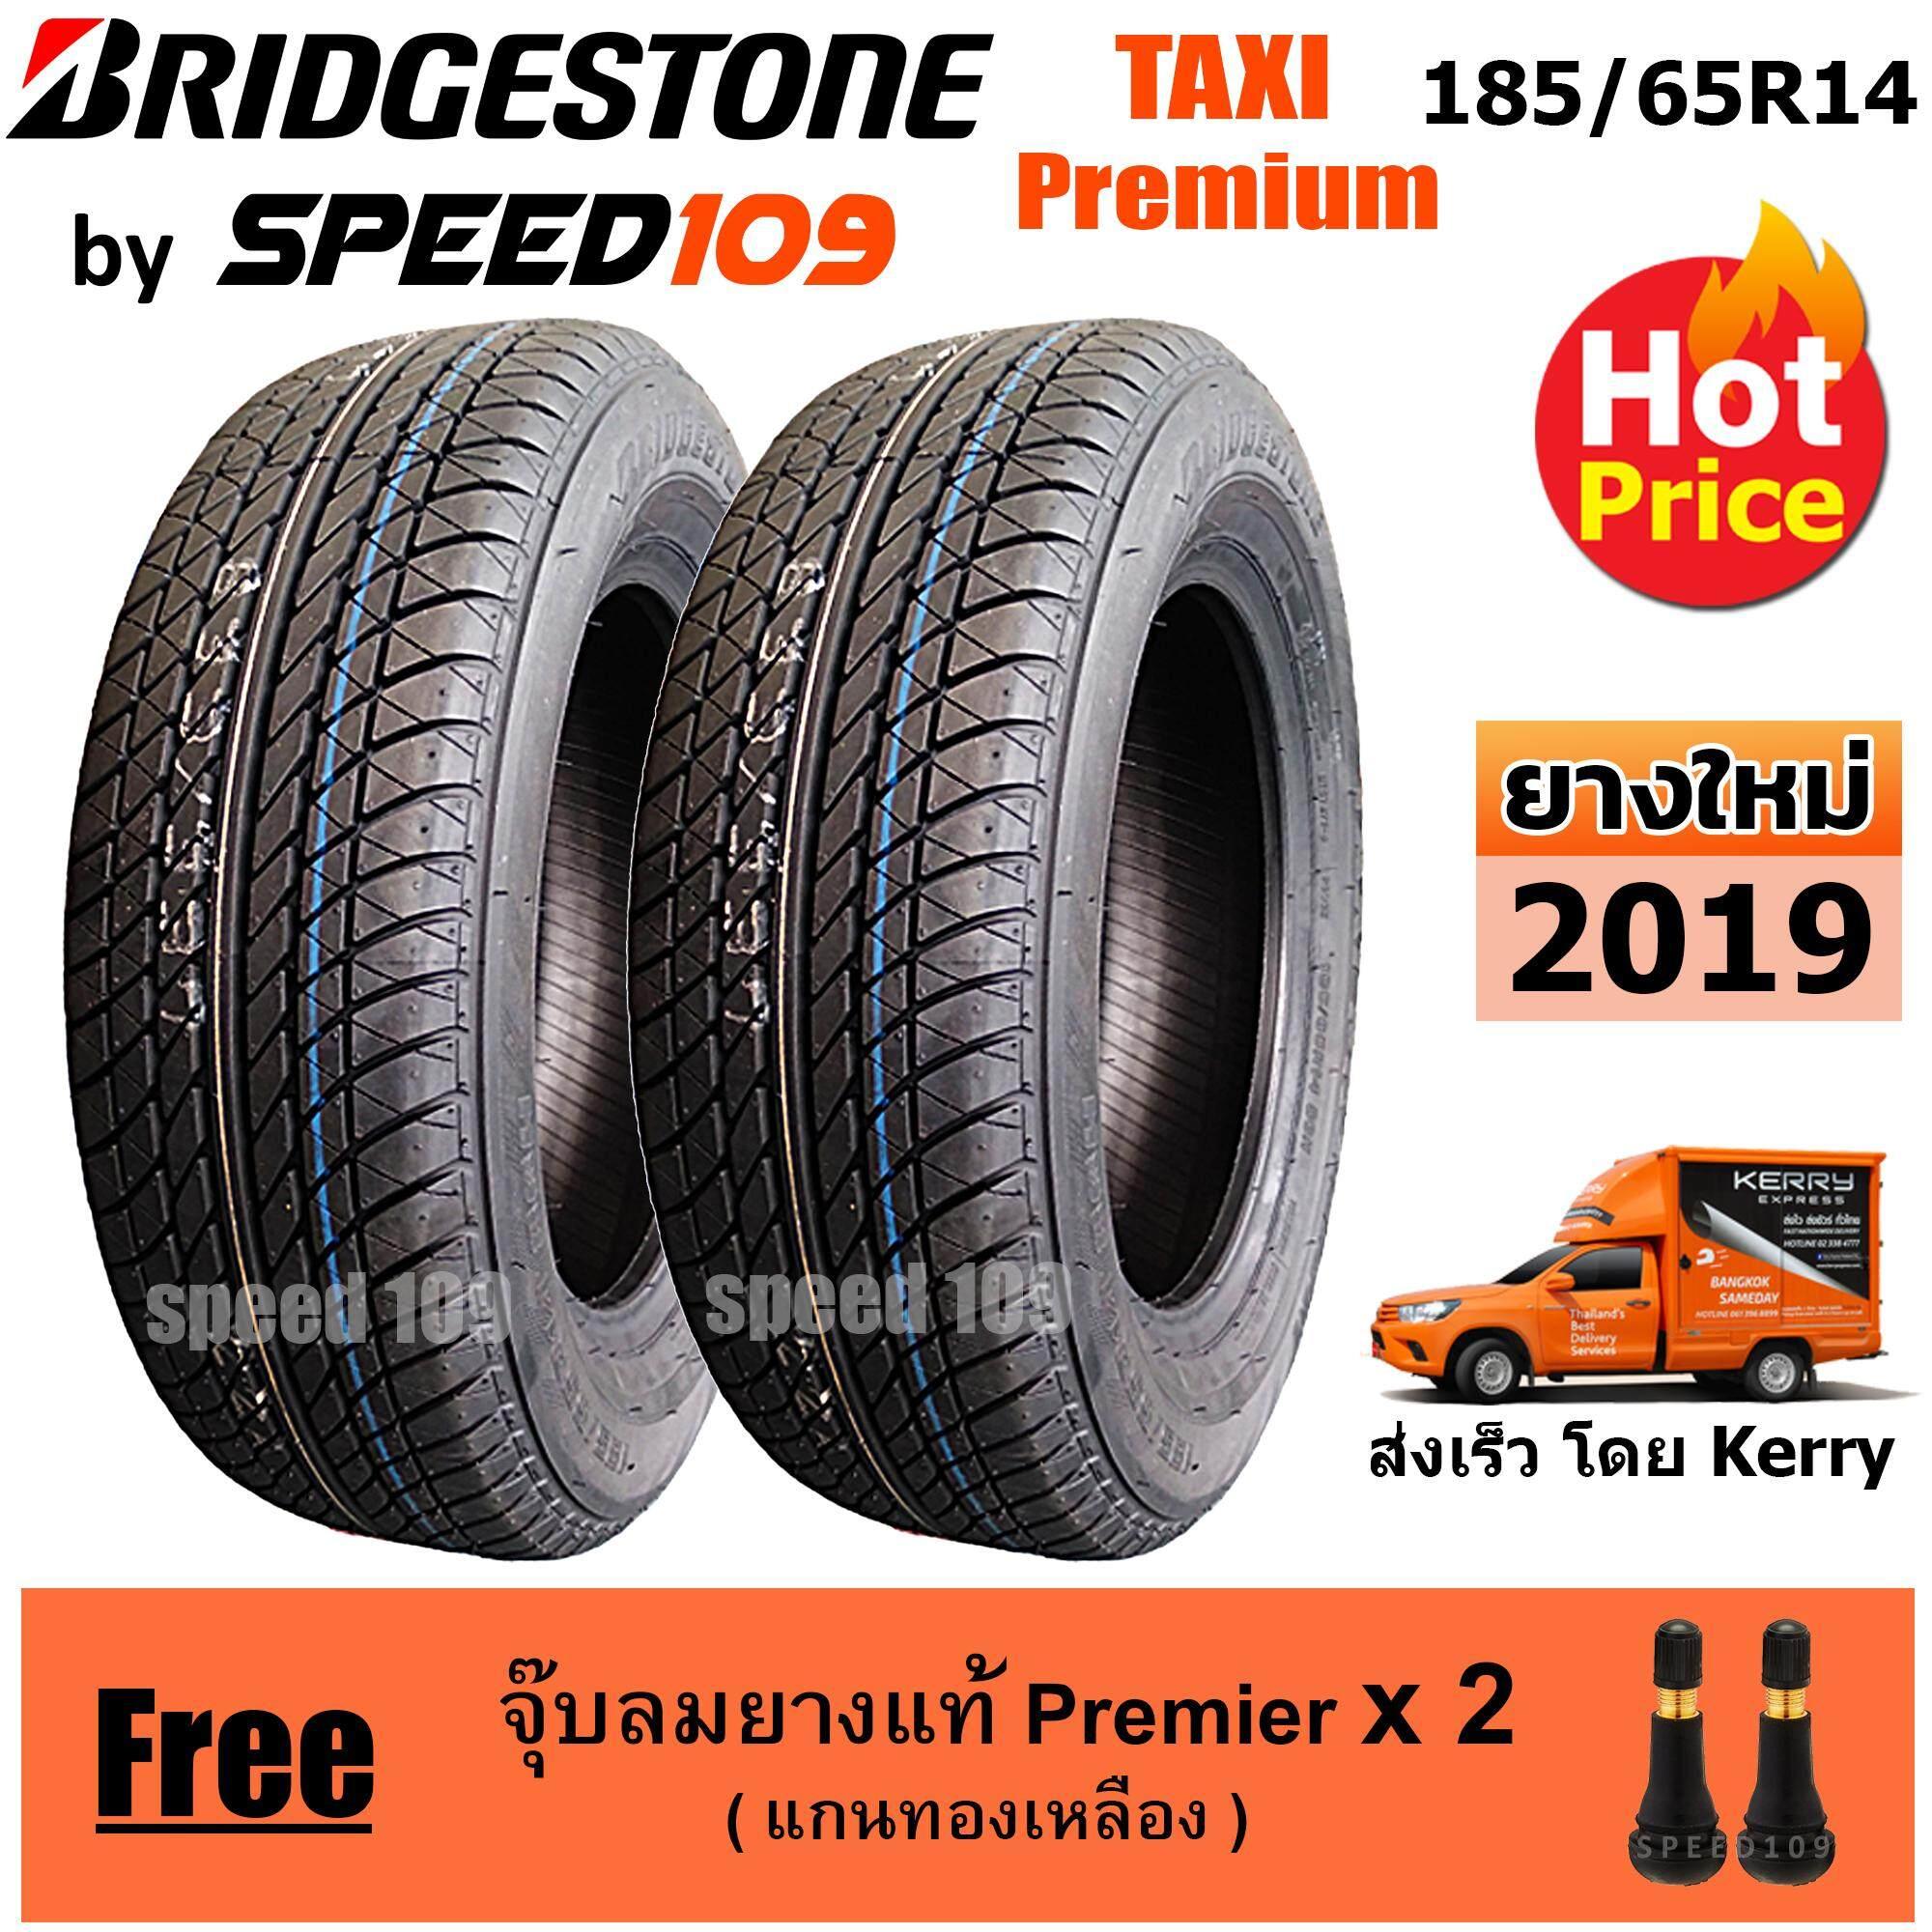 โปรโมชั่นพิเศษ  กระบี่ BRIDGESTONE ยางรถยนต์ ขอบ 14 ขนาด 185/65R14 รุ่น TAXI PREMIUM - 2 เส้น (ปี 2019)